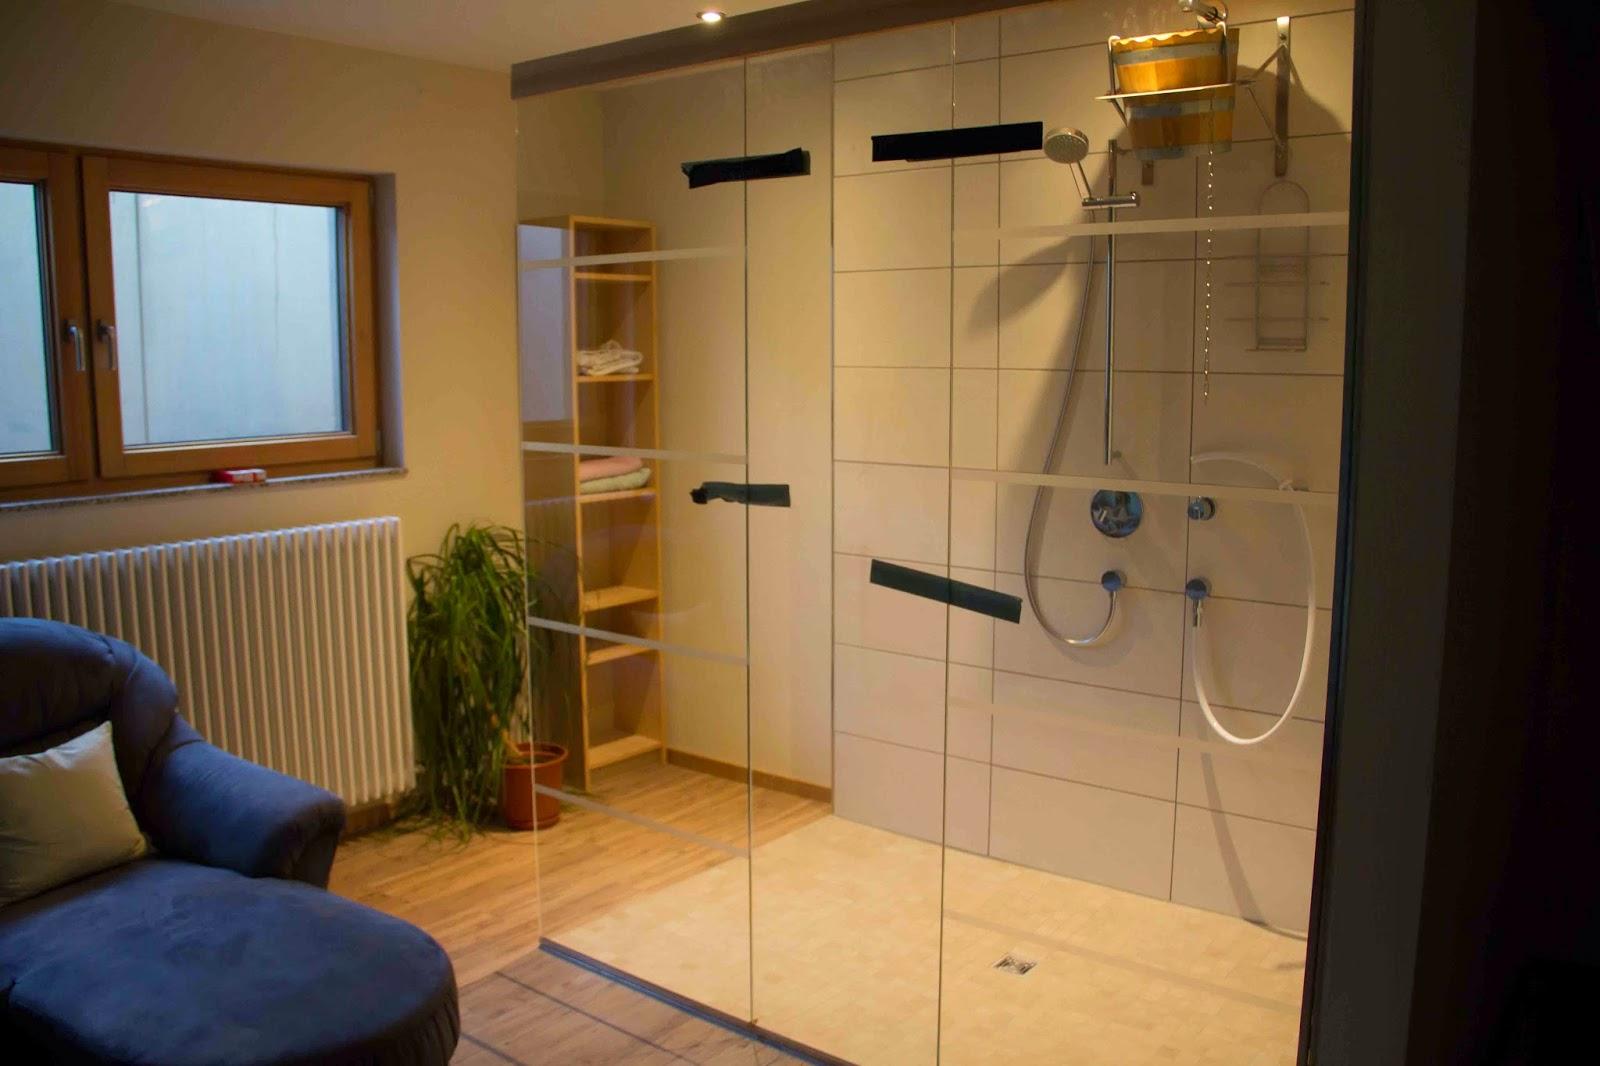 flederhaus steinboden behandlung bad umrandung und glasw nde. Black Bedroom Furniture Sets. Home Design Ideas